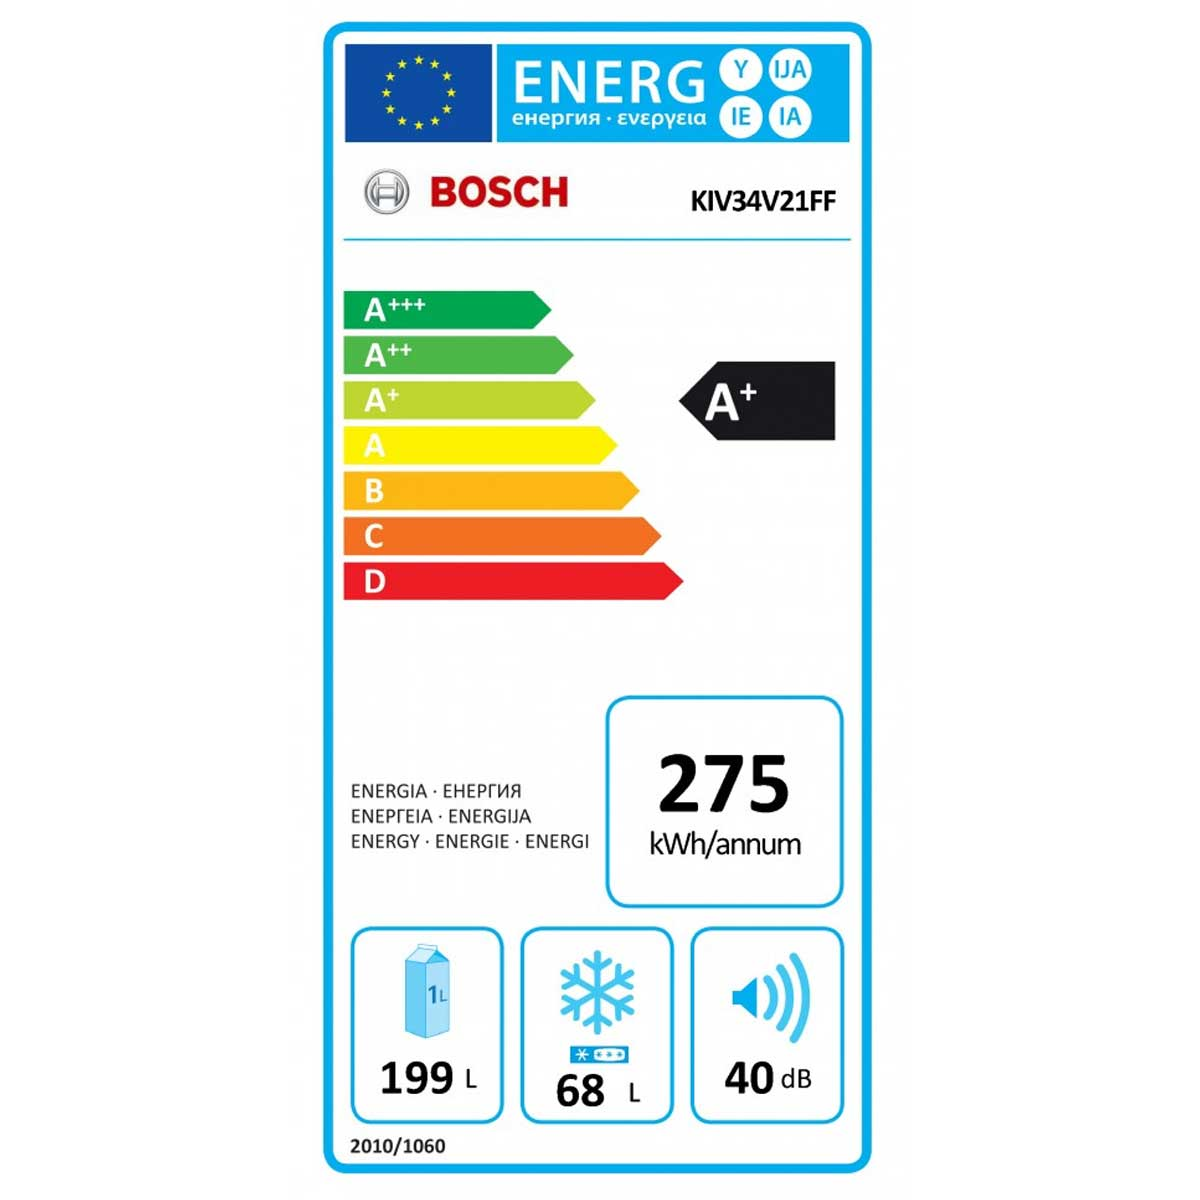 Bosch KIV34V21FF etichetta energetica